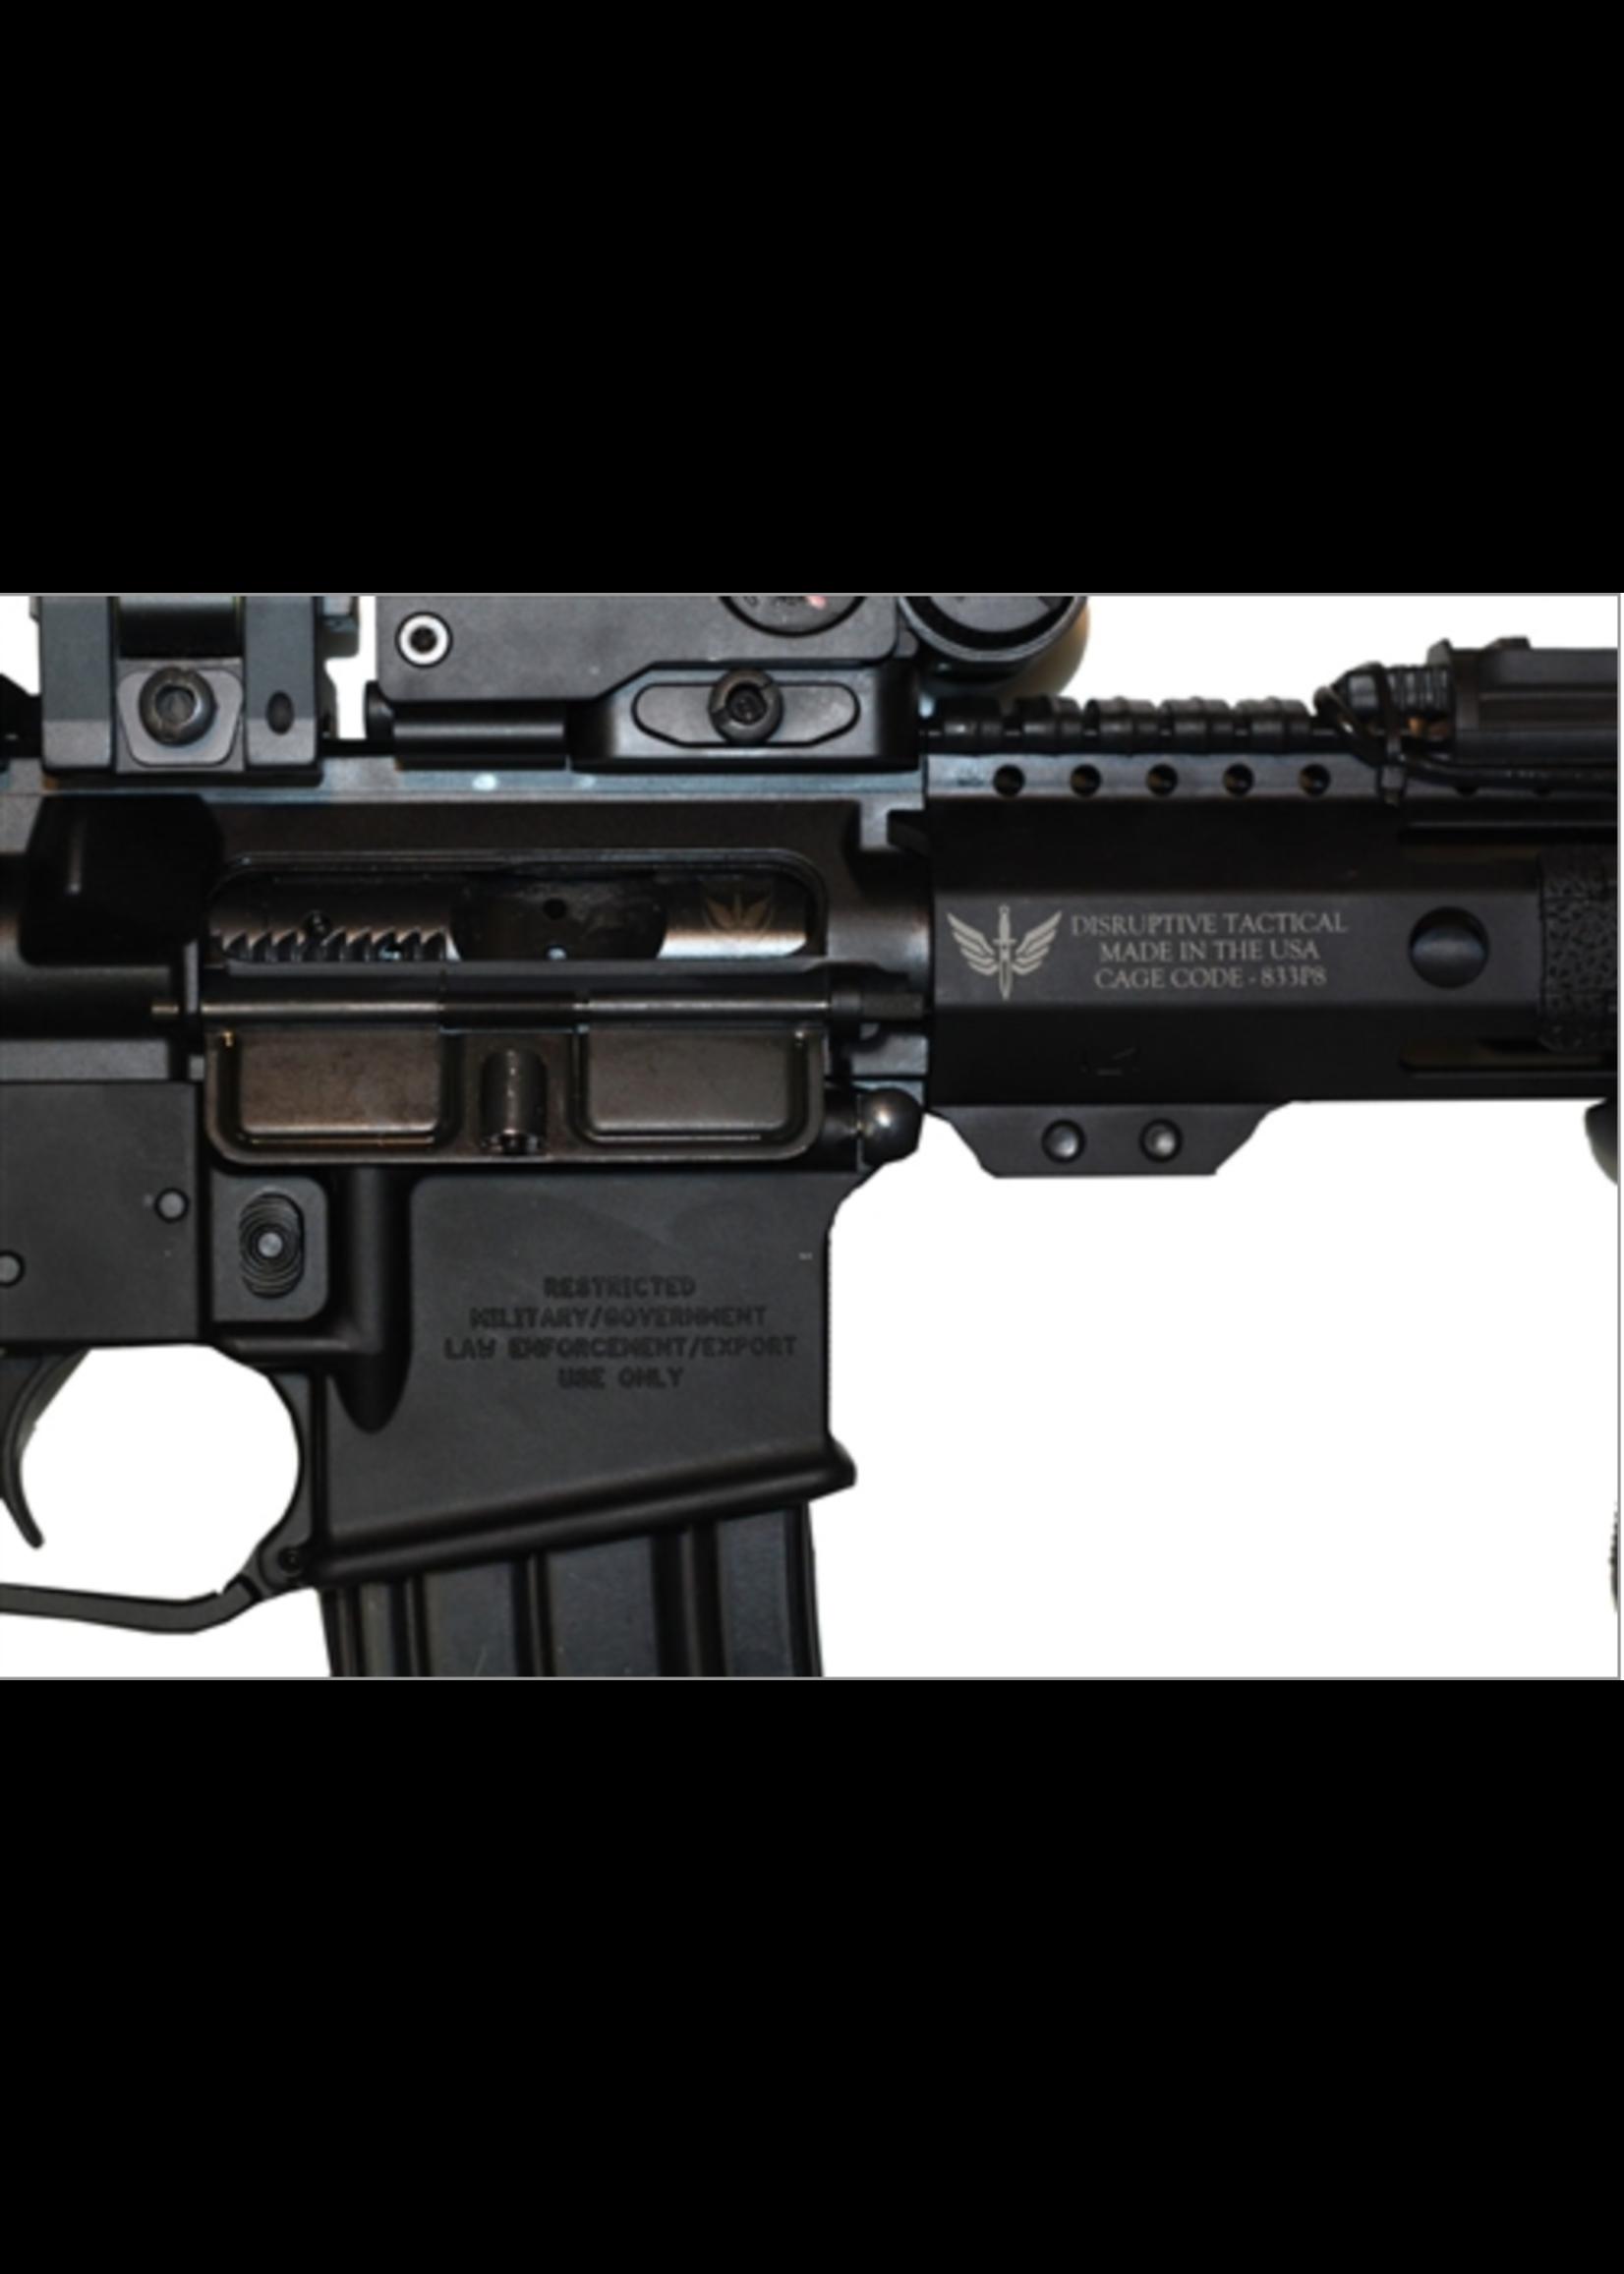 Disruptive Tactical DT15 MK18 SBR